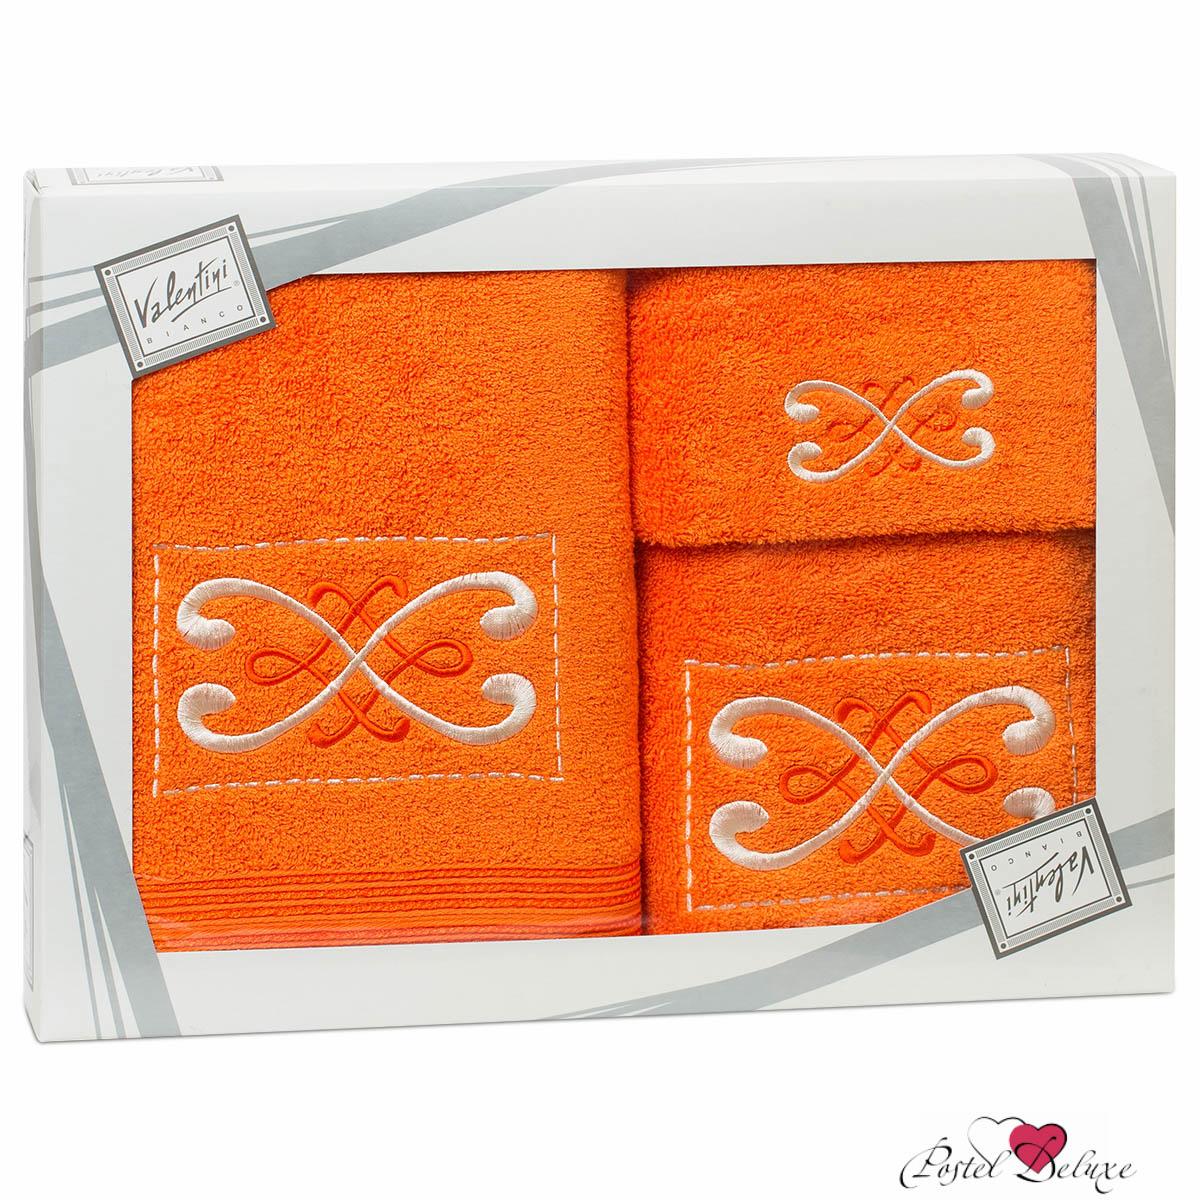 Купить Полотенца Valentini, Полотенце Fantasy Цвет: Оранжевый (Набор), Португалия, Махра